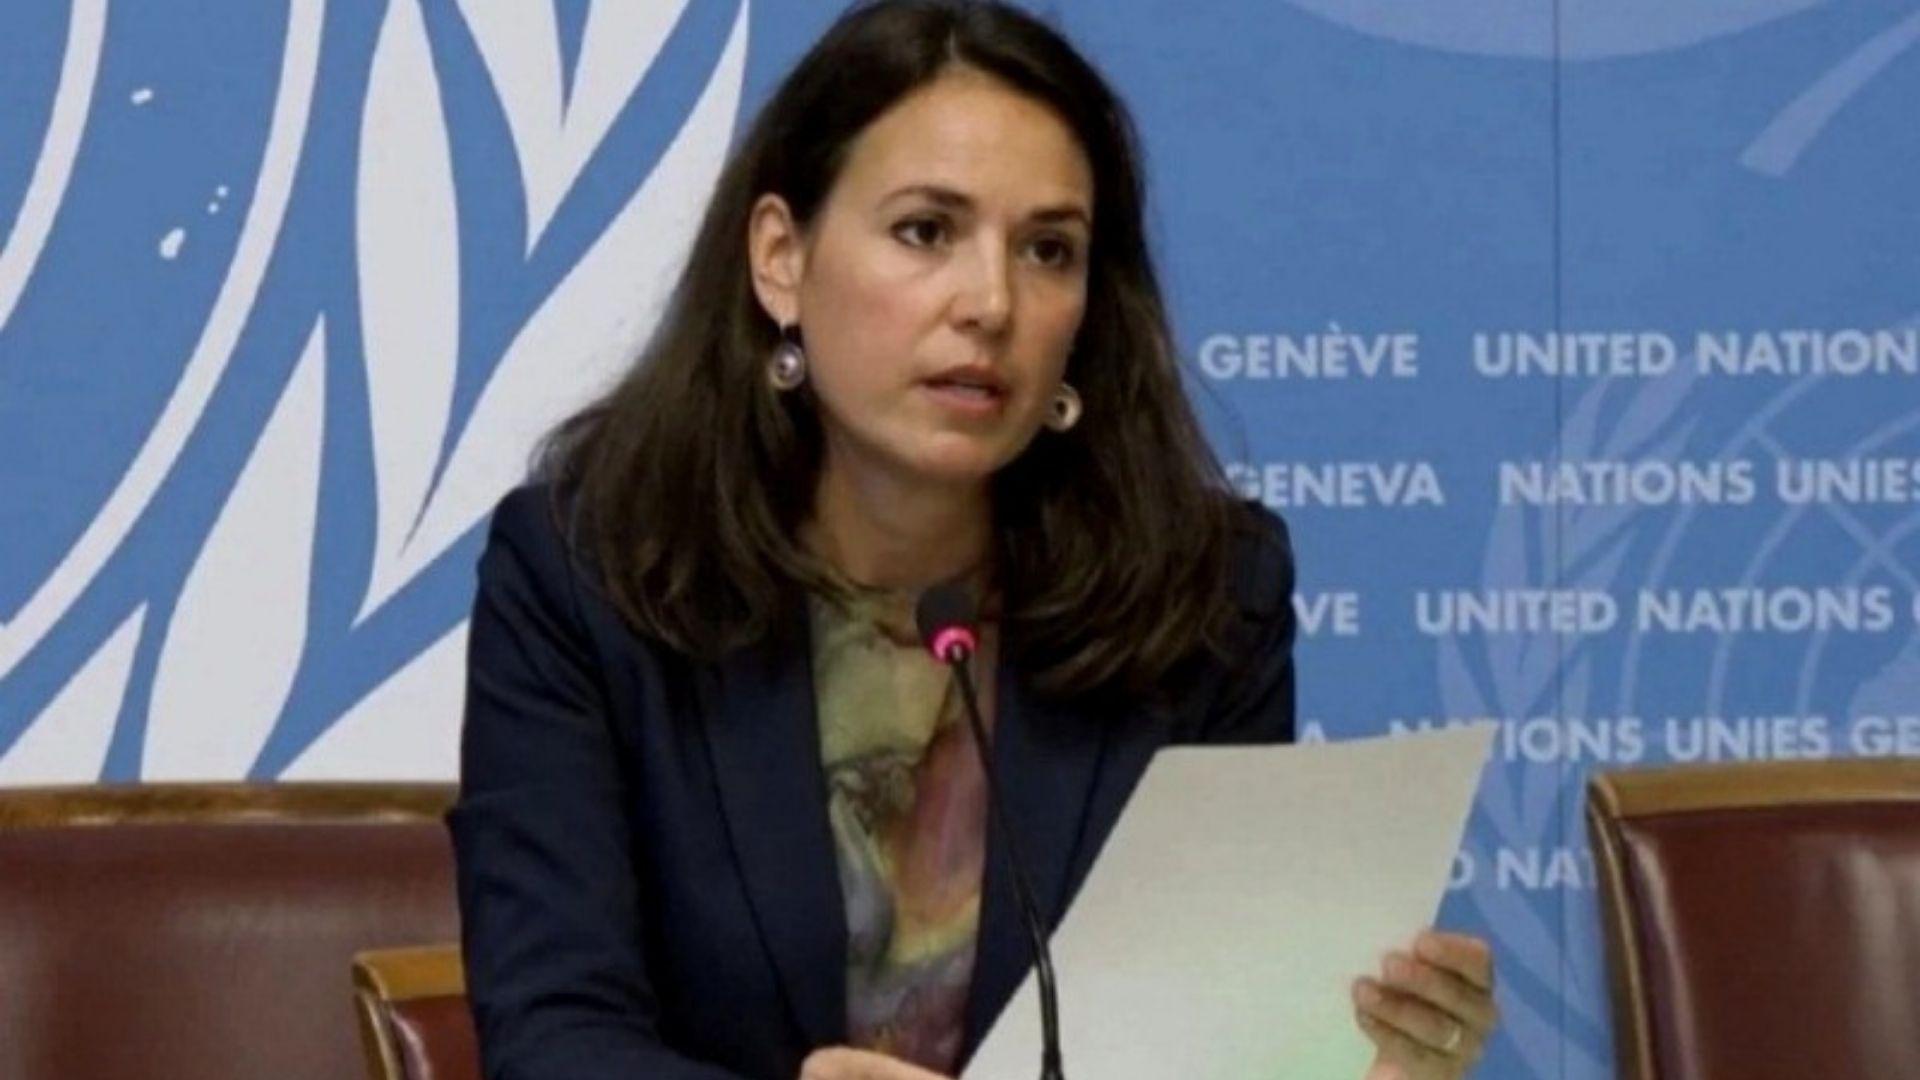 Portavoz de la ONU condena ataques contra ONG y medios de comunicación